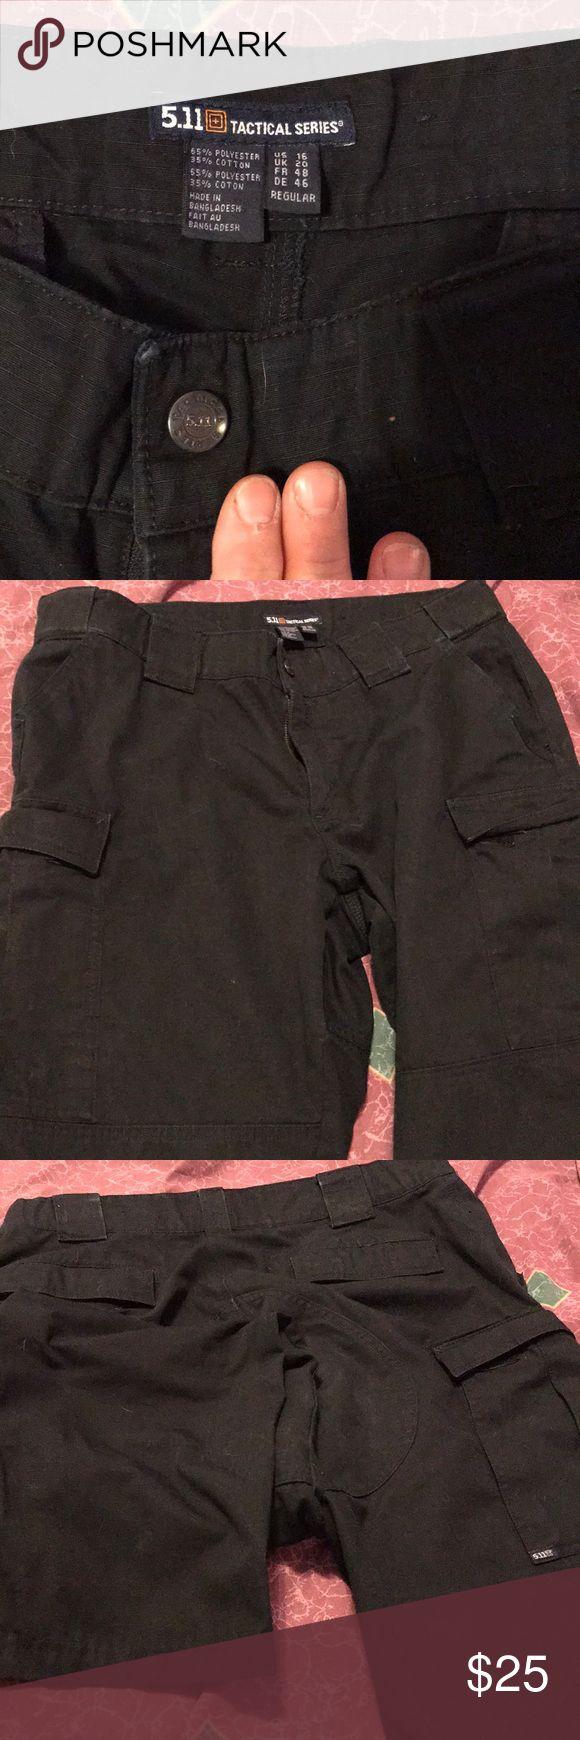 5.11 cargo pants Womans 5.11 black, 6 pcket cargo pants 5.11 Tactical Pants